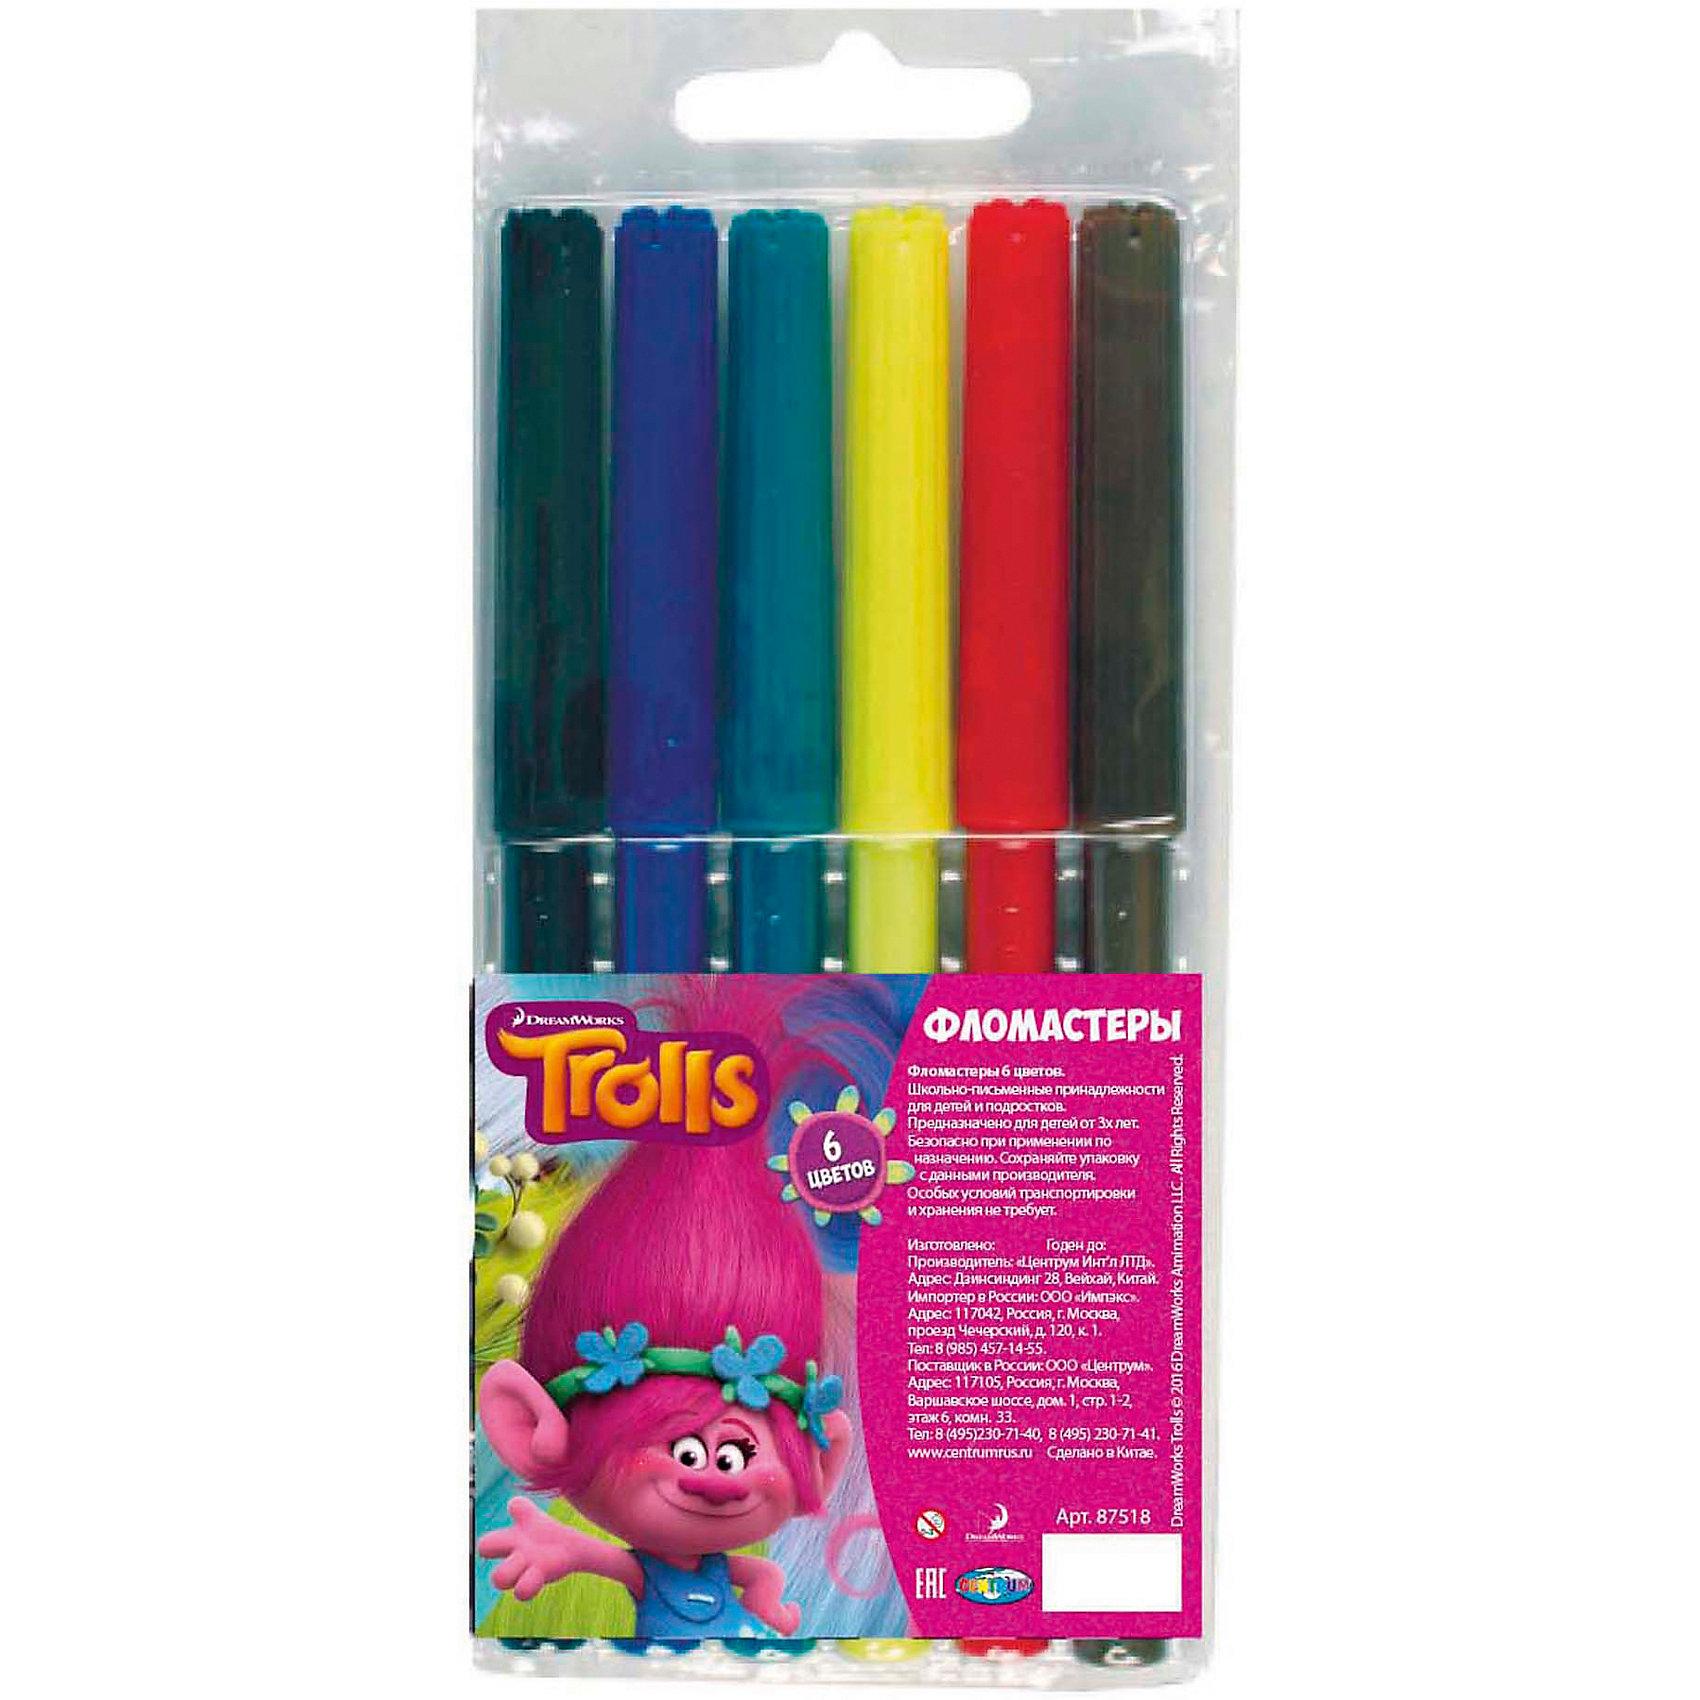 Фломастеры Тролли, 6 цветов, на водной основе с вентилируемым колпачком.Тролли<br>Фломастеры Тролли, 6 цветов, на водной основе с вентилируемым колпачком, Centrum (Центрум)<br><br>Характеристики: <br><br>• яркие цвета<br>• фломастеры на водной основе<br>• хранятся при любой температуре<br><br>Яркие фломастеры от Centrum станут прекрасным подарком начинающему художнику. В комплект входят 6 фломастеров с вентилируемым колпачком. Они обладают морозостойкостью и устойчивостью к перепадам температур. Ребенок сможет брать фломастеры с собой, чтобы порадовать друзей своими рисунками.<br><br>Фломастеры Тролли, 6 цветов, на водной основе с вентилируемым колпачком, Centrum (Центрум) вы можете купить в нашем интернет-магазине.<br><br>Ширина мм: 10<br>Глубина мм: 65<br>Высота мм: 160<br>Вес г: 42<br>Возраст от месяцев: 36<br>Возраст до месяцев: 144<br>Пол: Унисекс<br>Возраст: Детский<br>SKU: 5044934